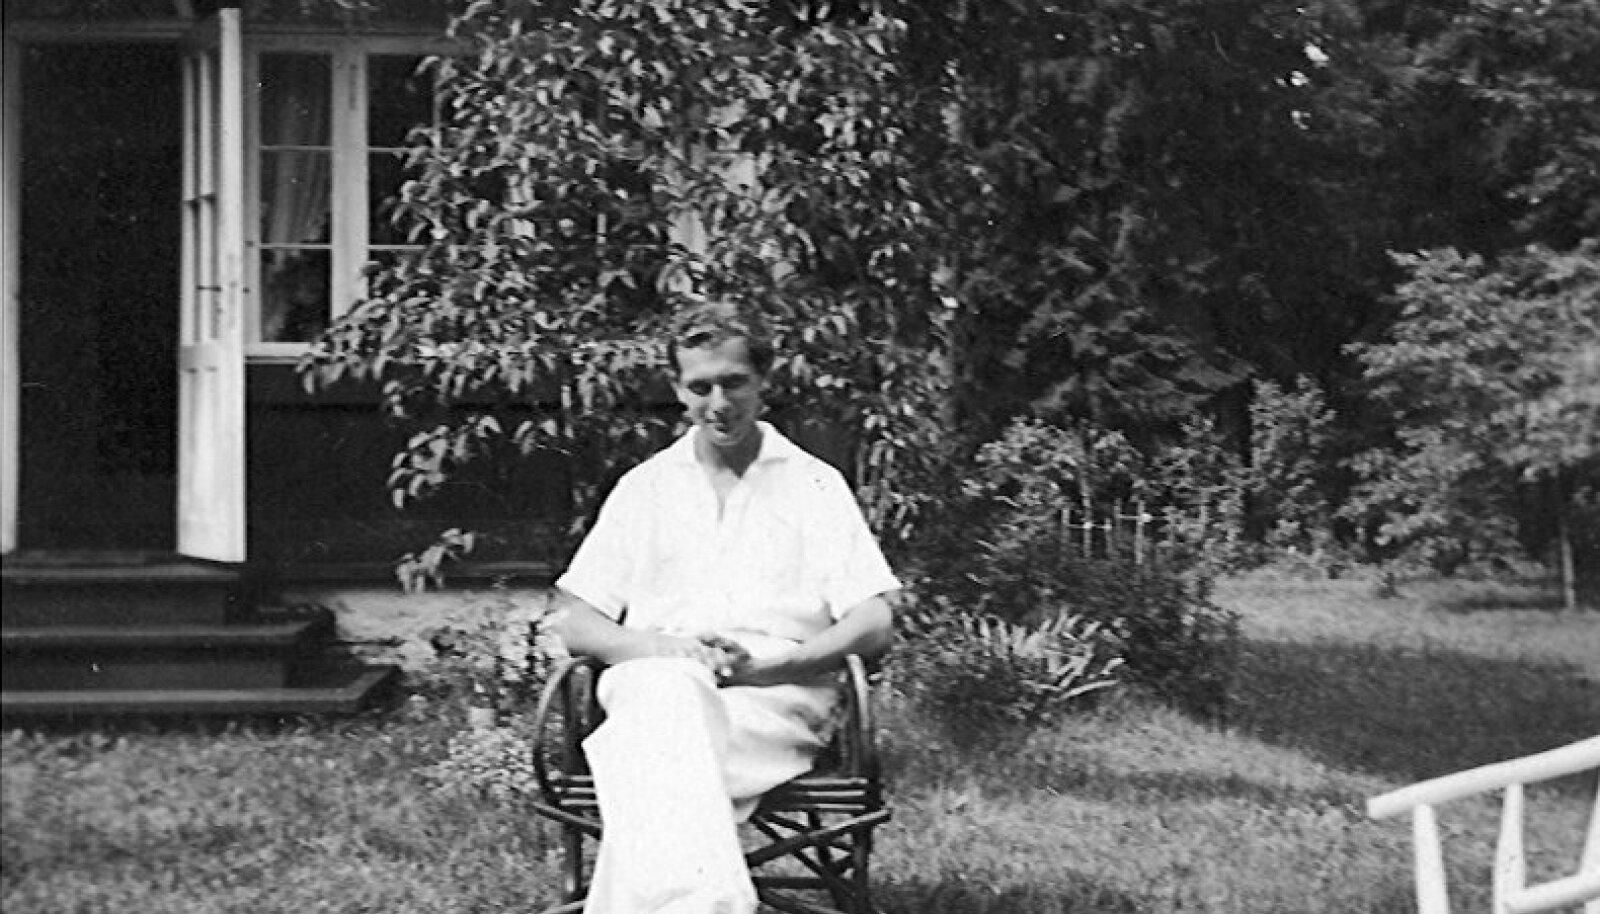 Яан Кросс в 1939 году на даче родителей своей первой жены Хельги Педусаар в Клоога.